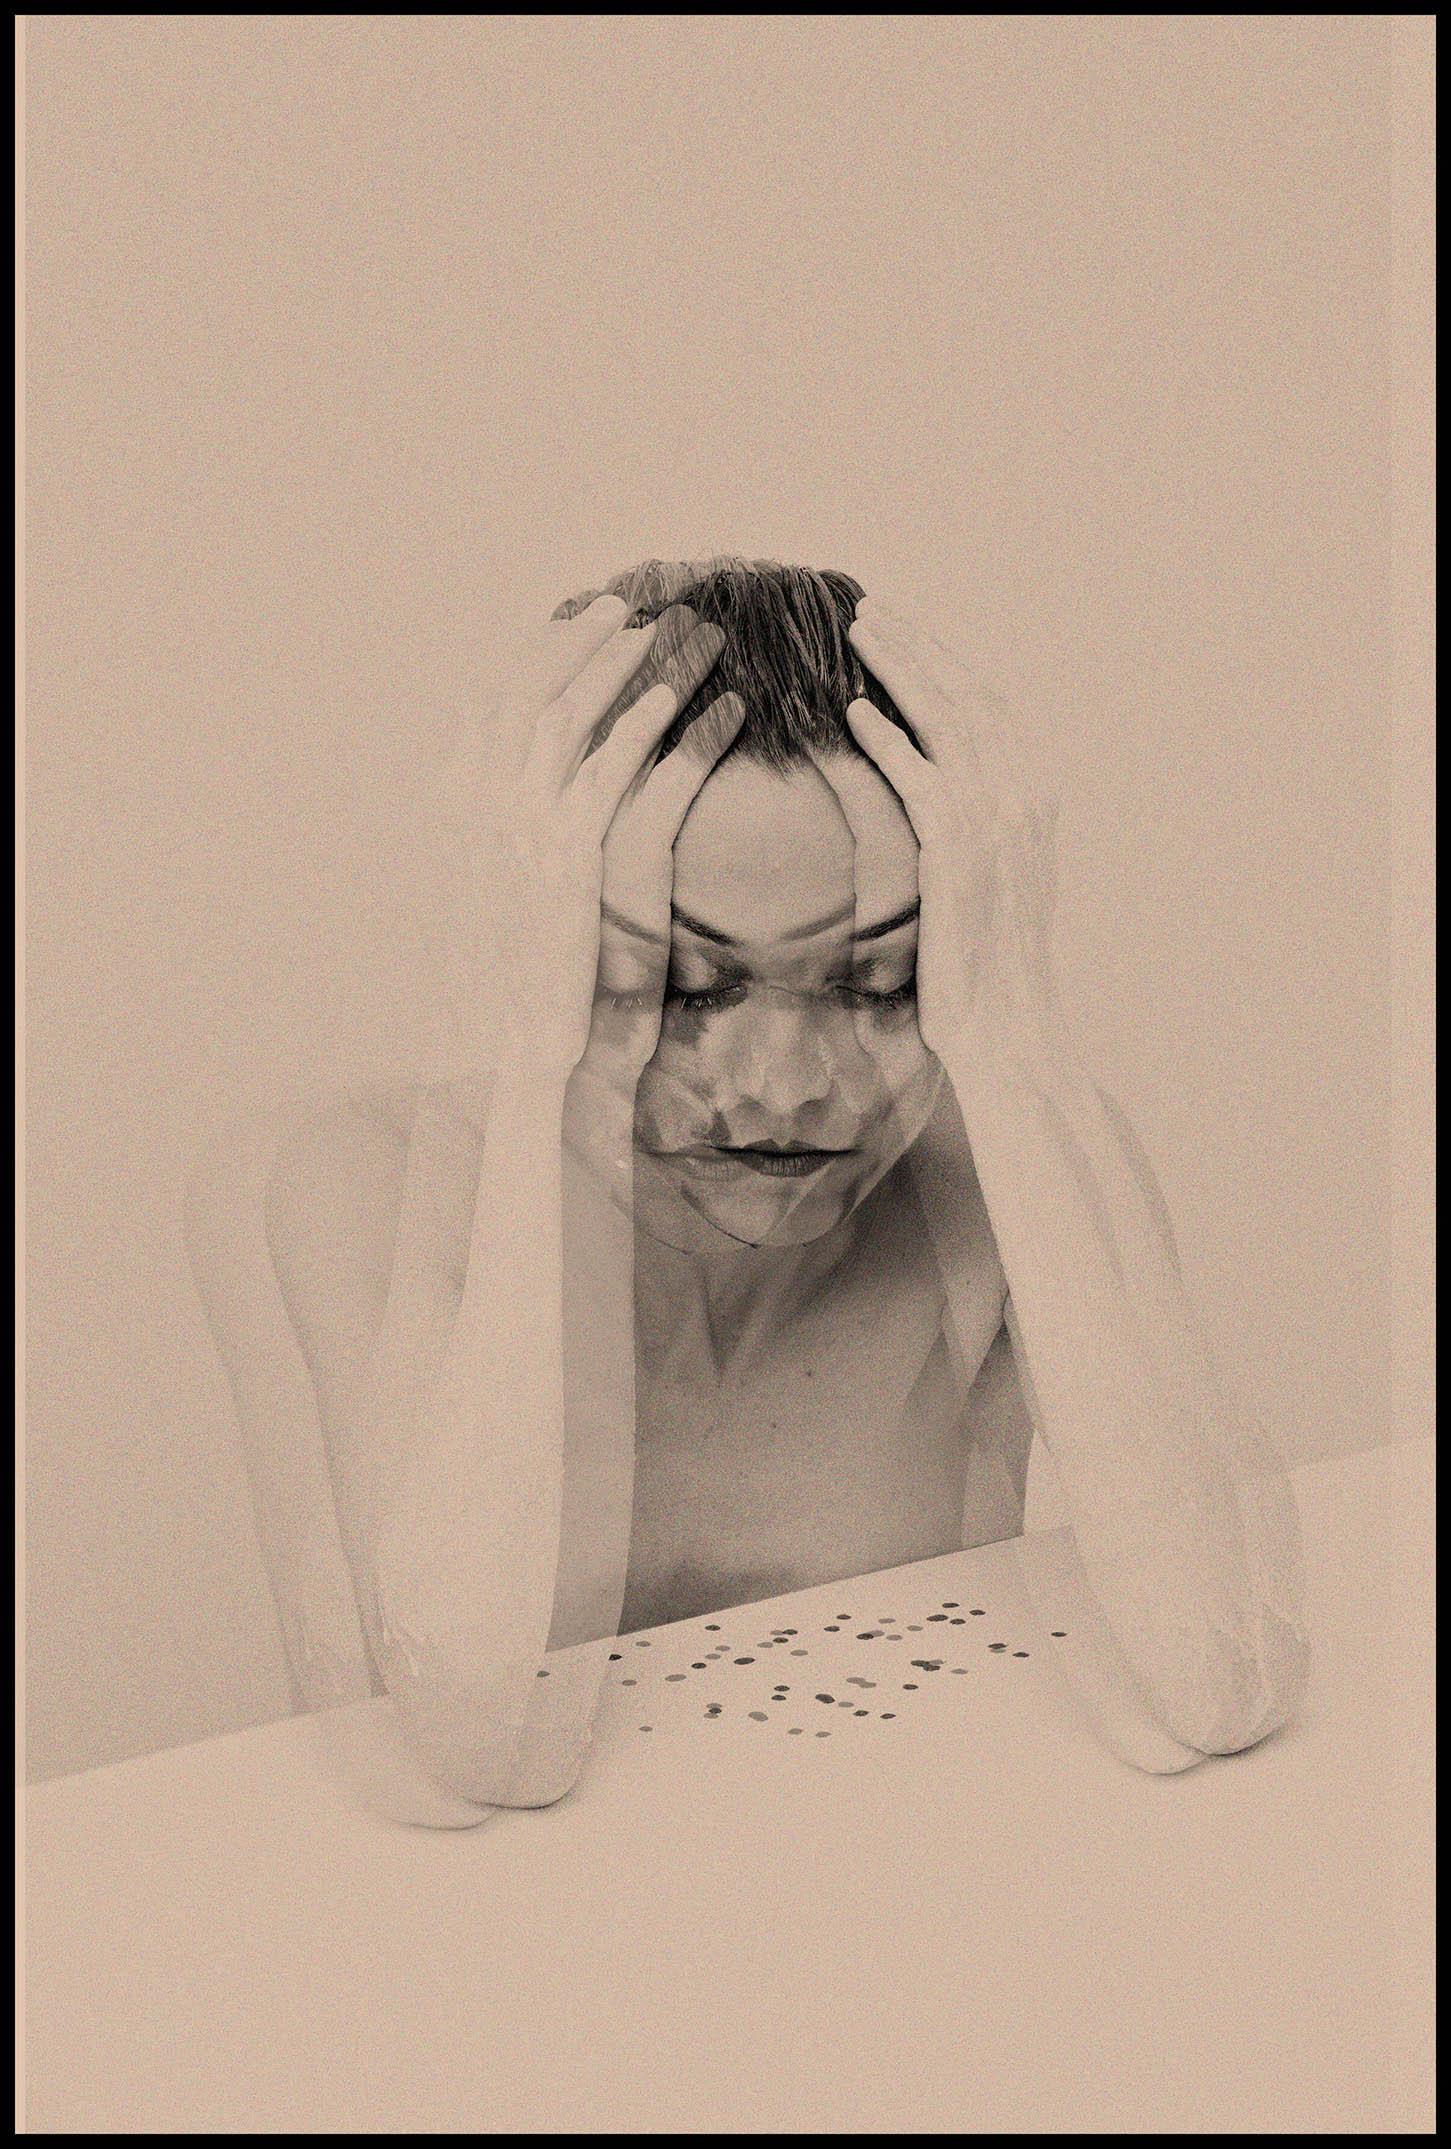 """Madmoizel - MADMOIZEL est une compositrice et performeuse française mélangeant les machines au lyrisme -""""machine-vocalist"""". Connue pour ses lives puissants et captivants, l'artiste utilise ses machines et synthétiseur tel un chef d'orchestre dirige ses musiciens. Sa voix lyrique et syncopée théâtralise son électronique et transforme le live en un dancefloor new-wave. Depuis 2013, elle parcourt la scène européenne underground, ainsi que celles de la mode et de l'art contemporain.Classically trained, MADMOIZEL draws upon many different influences, from neo-classcial to electronic music. Known for her captivating live-act, the artist handles the machines like a conductor directing his orchestra. Her gesture and powerful vocal transform her performance into a narrative electronic and a dancefloor encounter. Both unclassifiable and recognizable, MADMOIZEL plays a music of her own.Discographie: """"Play Bizarre """"(CD, Digital / TONN Recordings, Belfast, 2018), """"The Love Machinery"""" (LP, CD, Digital / Lentonia records, 2016), """"Lady Dandy"""" (Digital / autoproduction, 2013)"""